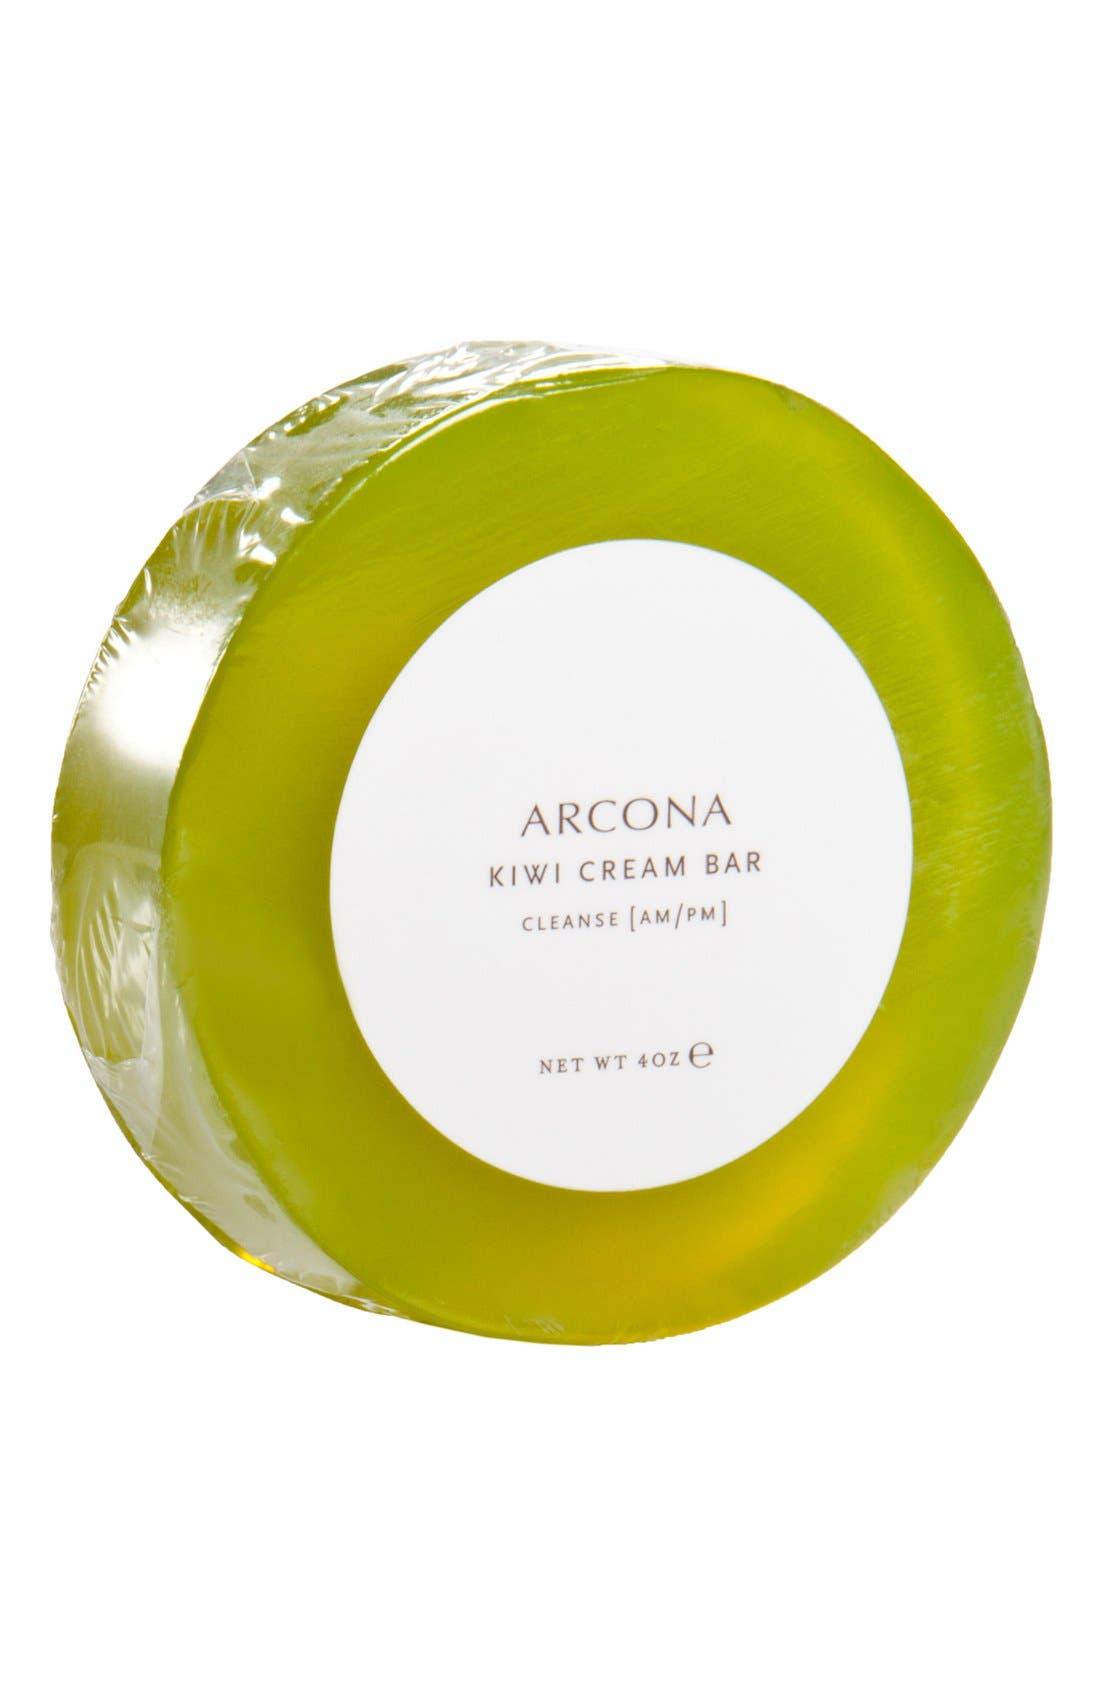 ARCONA Kiwi Cream Bar Facial Cleanser Refill, Main, color, NO COLOR